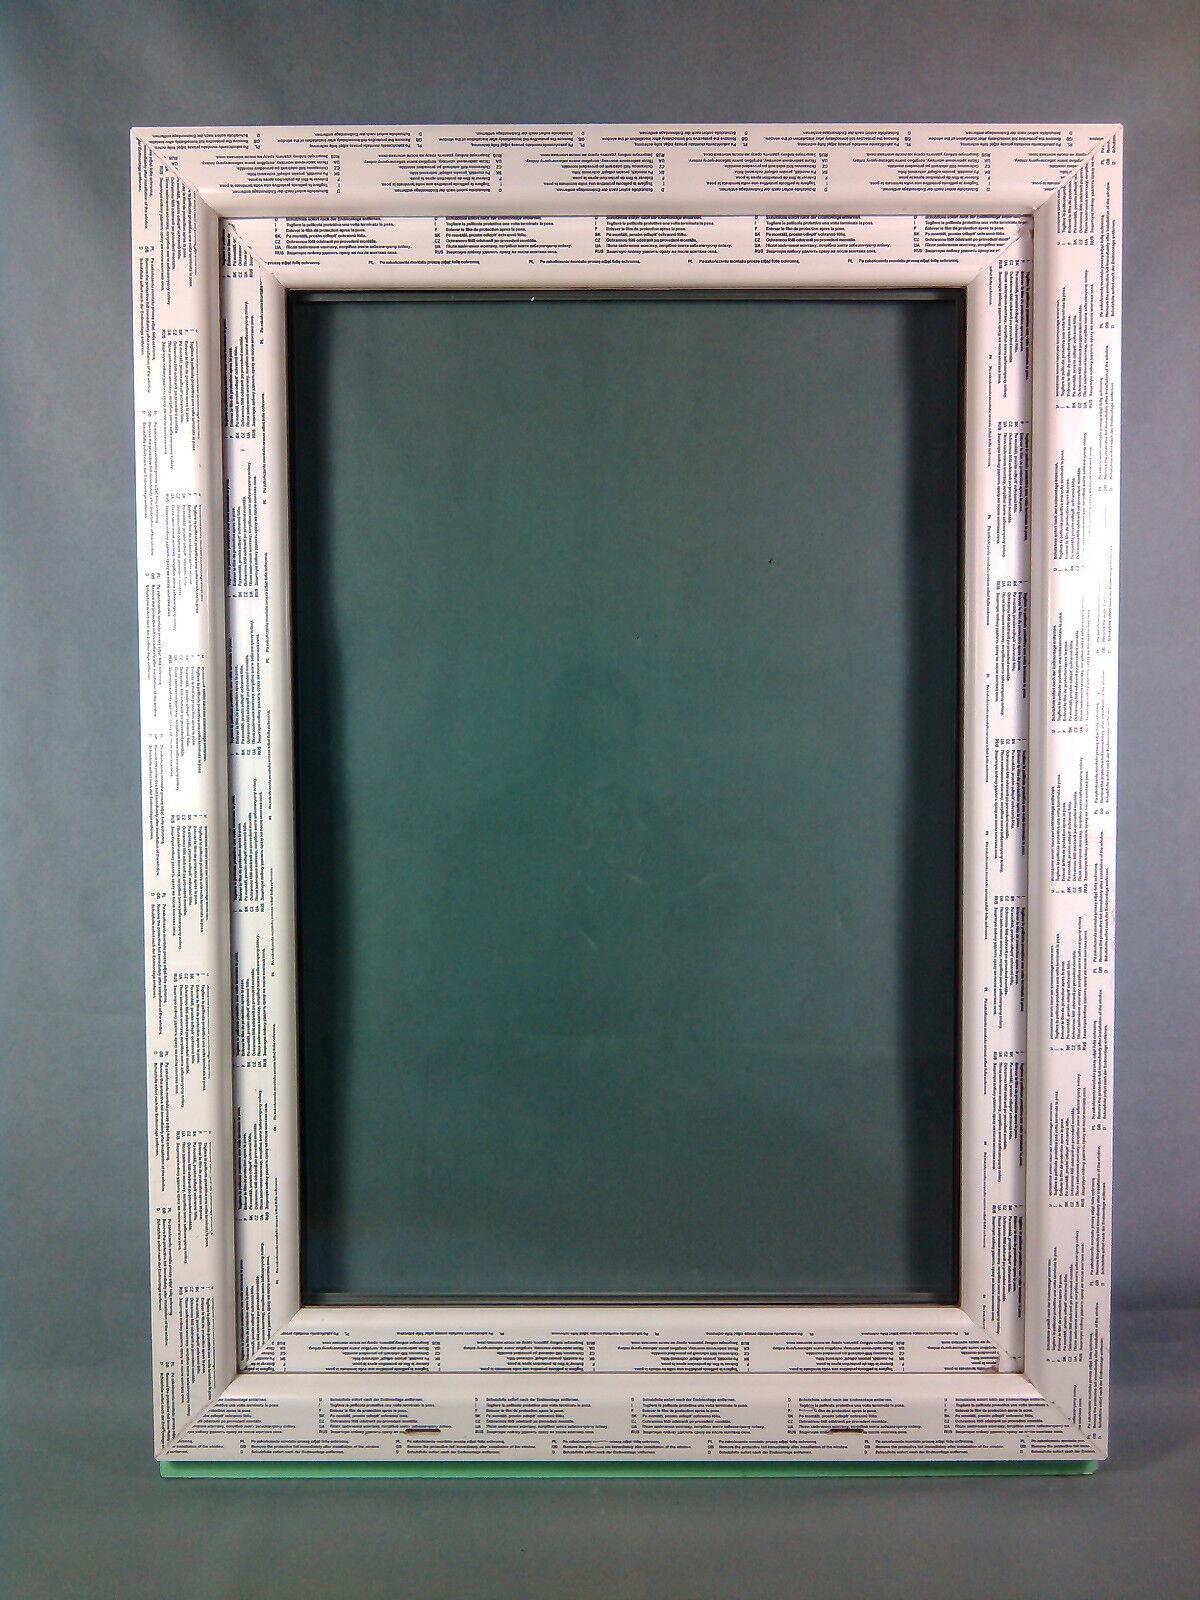 Kunststofffenster Fenster Salamander, 80x110 cm bxh, weiß